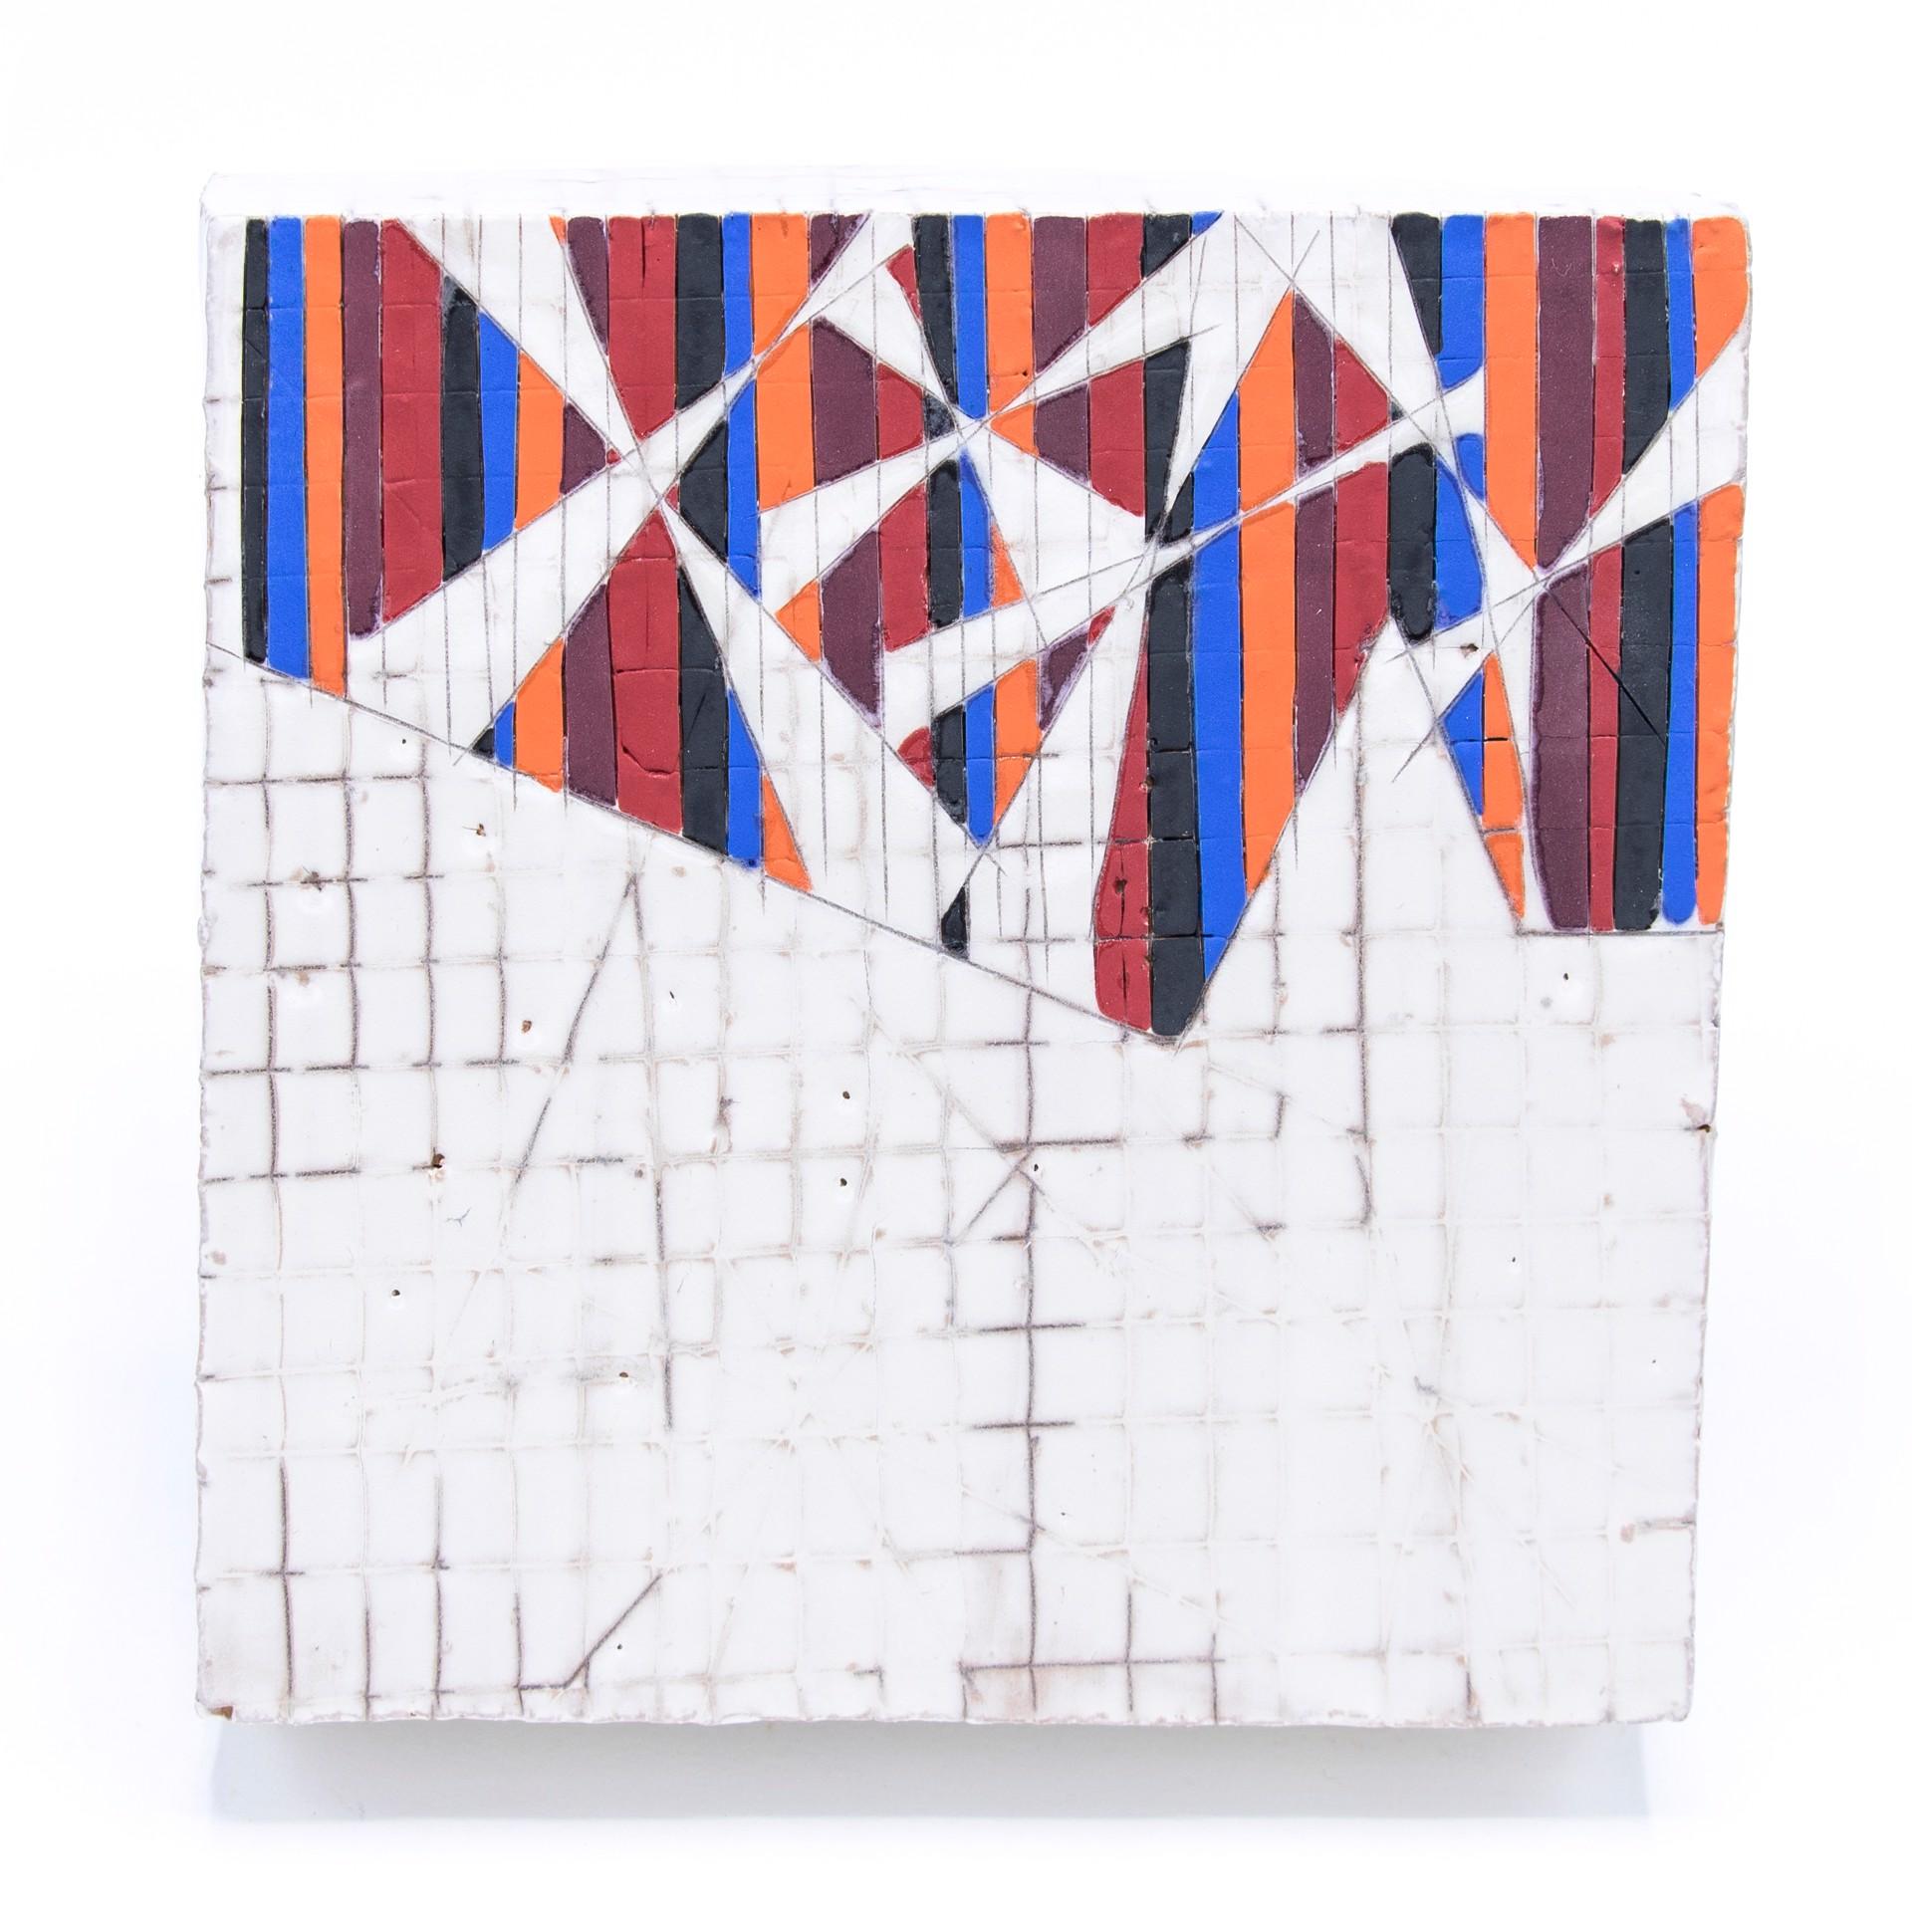 Tile (1) by Zak Helenske